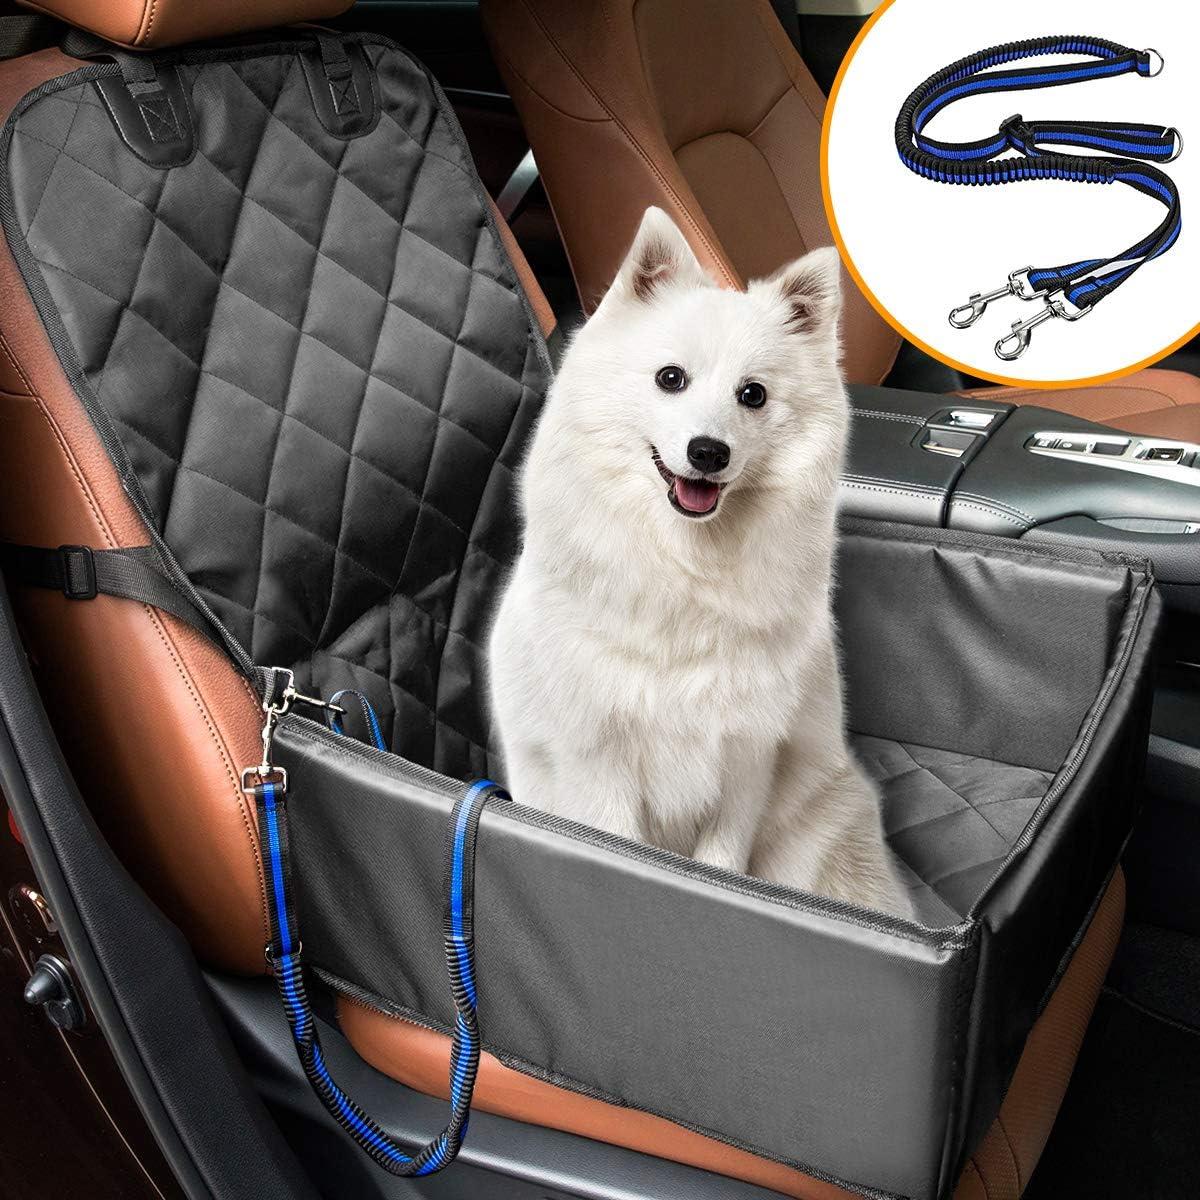 Matcc Hunde Autositz Für Kleine Mittlere Hunde Rückbank Vordersitz Hundesitz Wasserdicht Autositzbezug Hundedecke Mit Extra Hunde Sicherheitsgurt Sitzbezug Für Haustier Reise Haustier